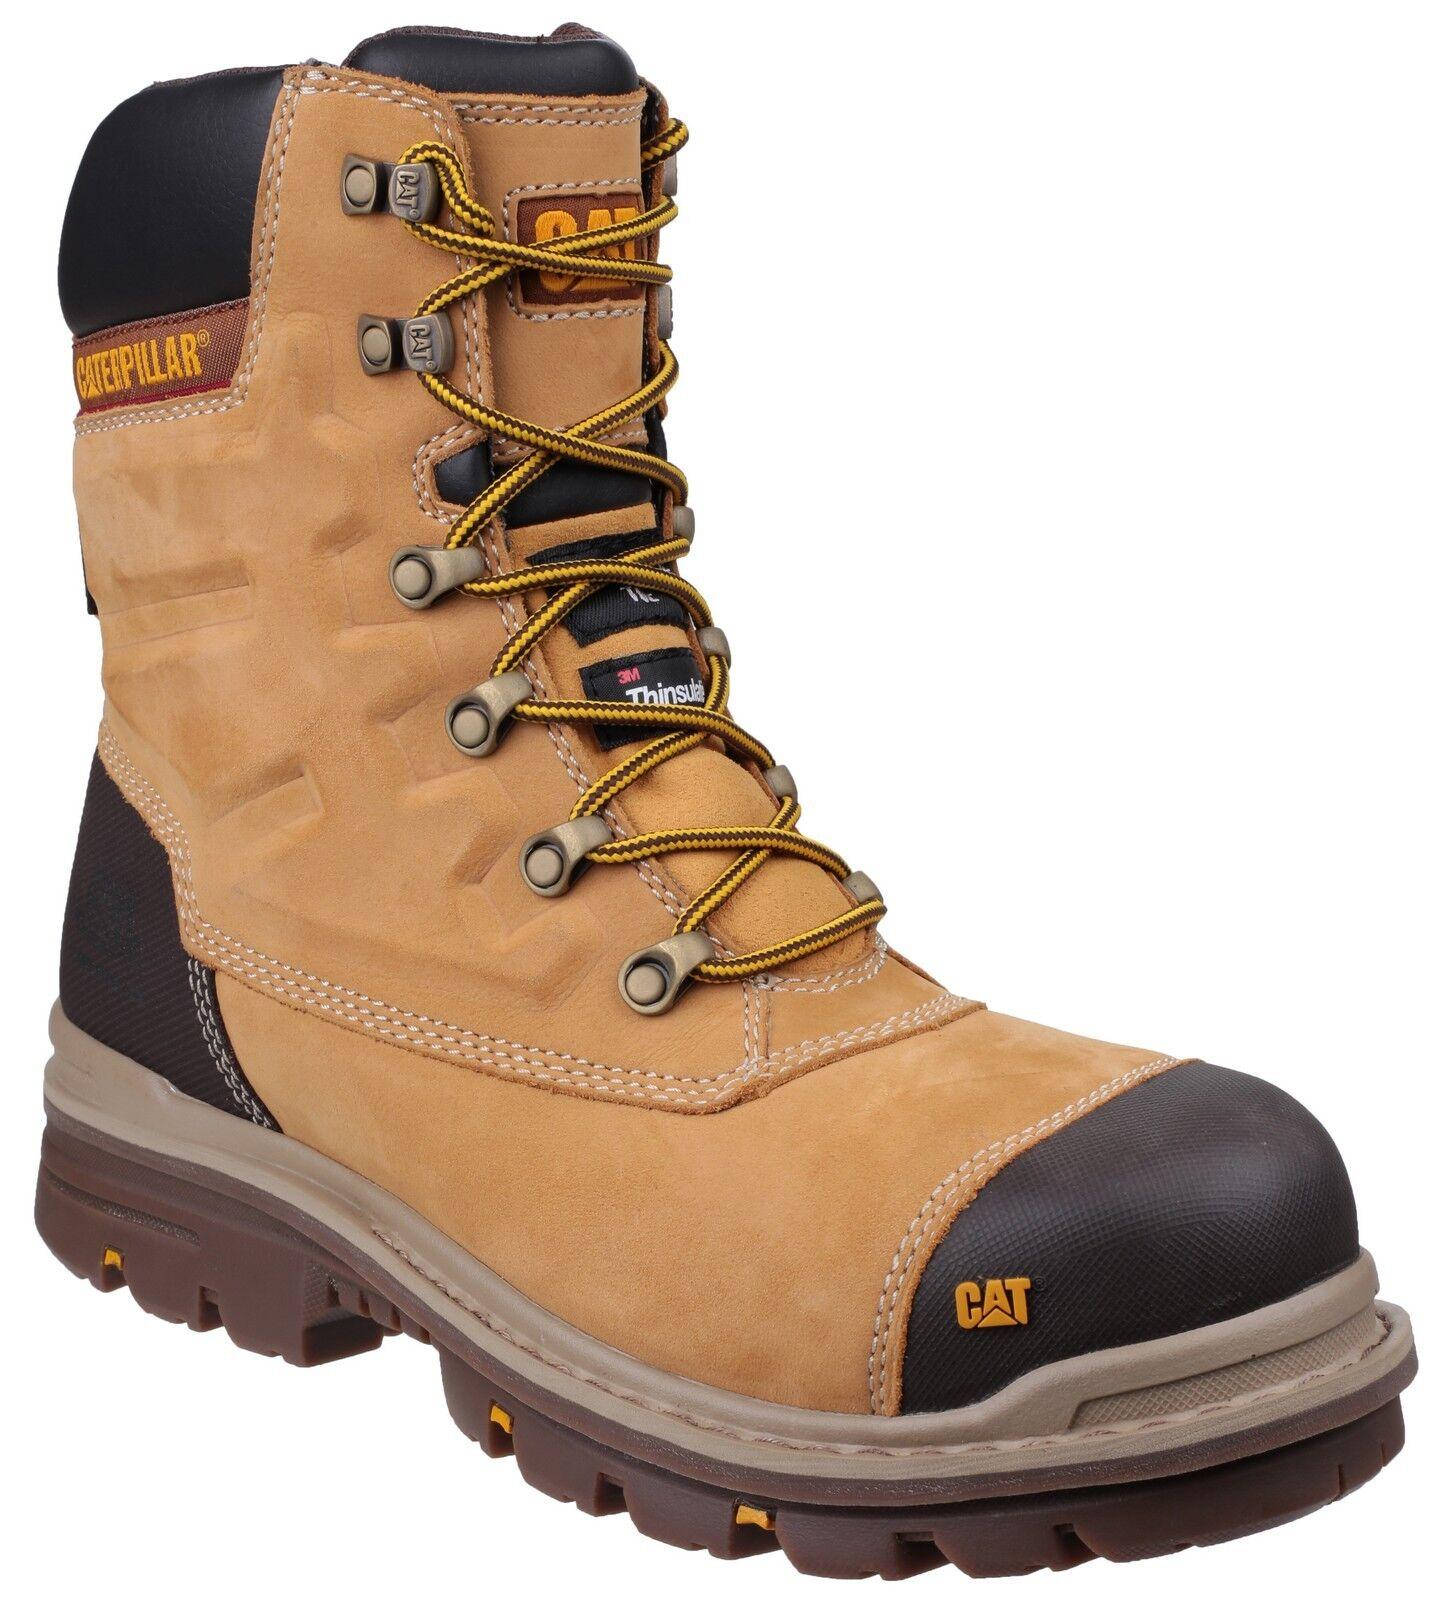 Cat Caterpillar Premier Trabajo Industrial Seguridad Impermeable Miel botas para hombre